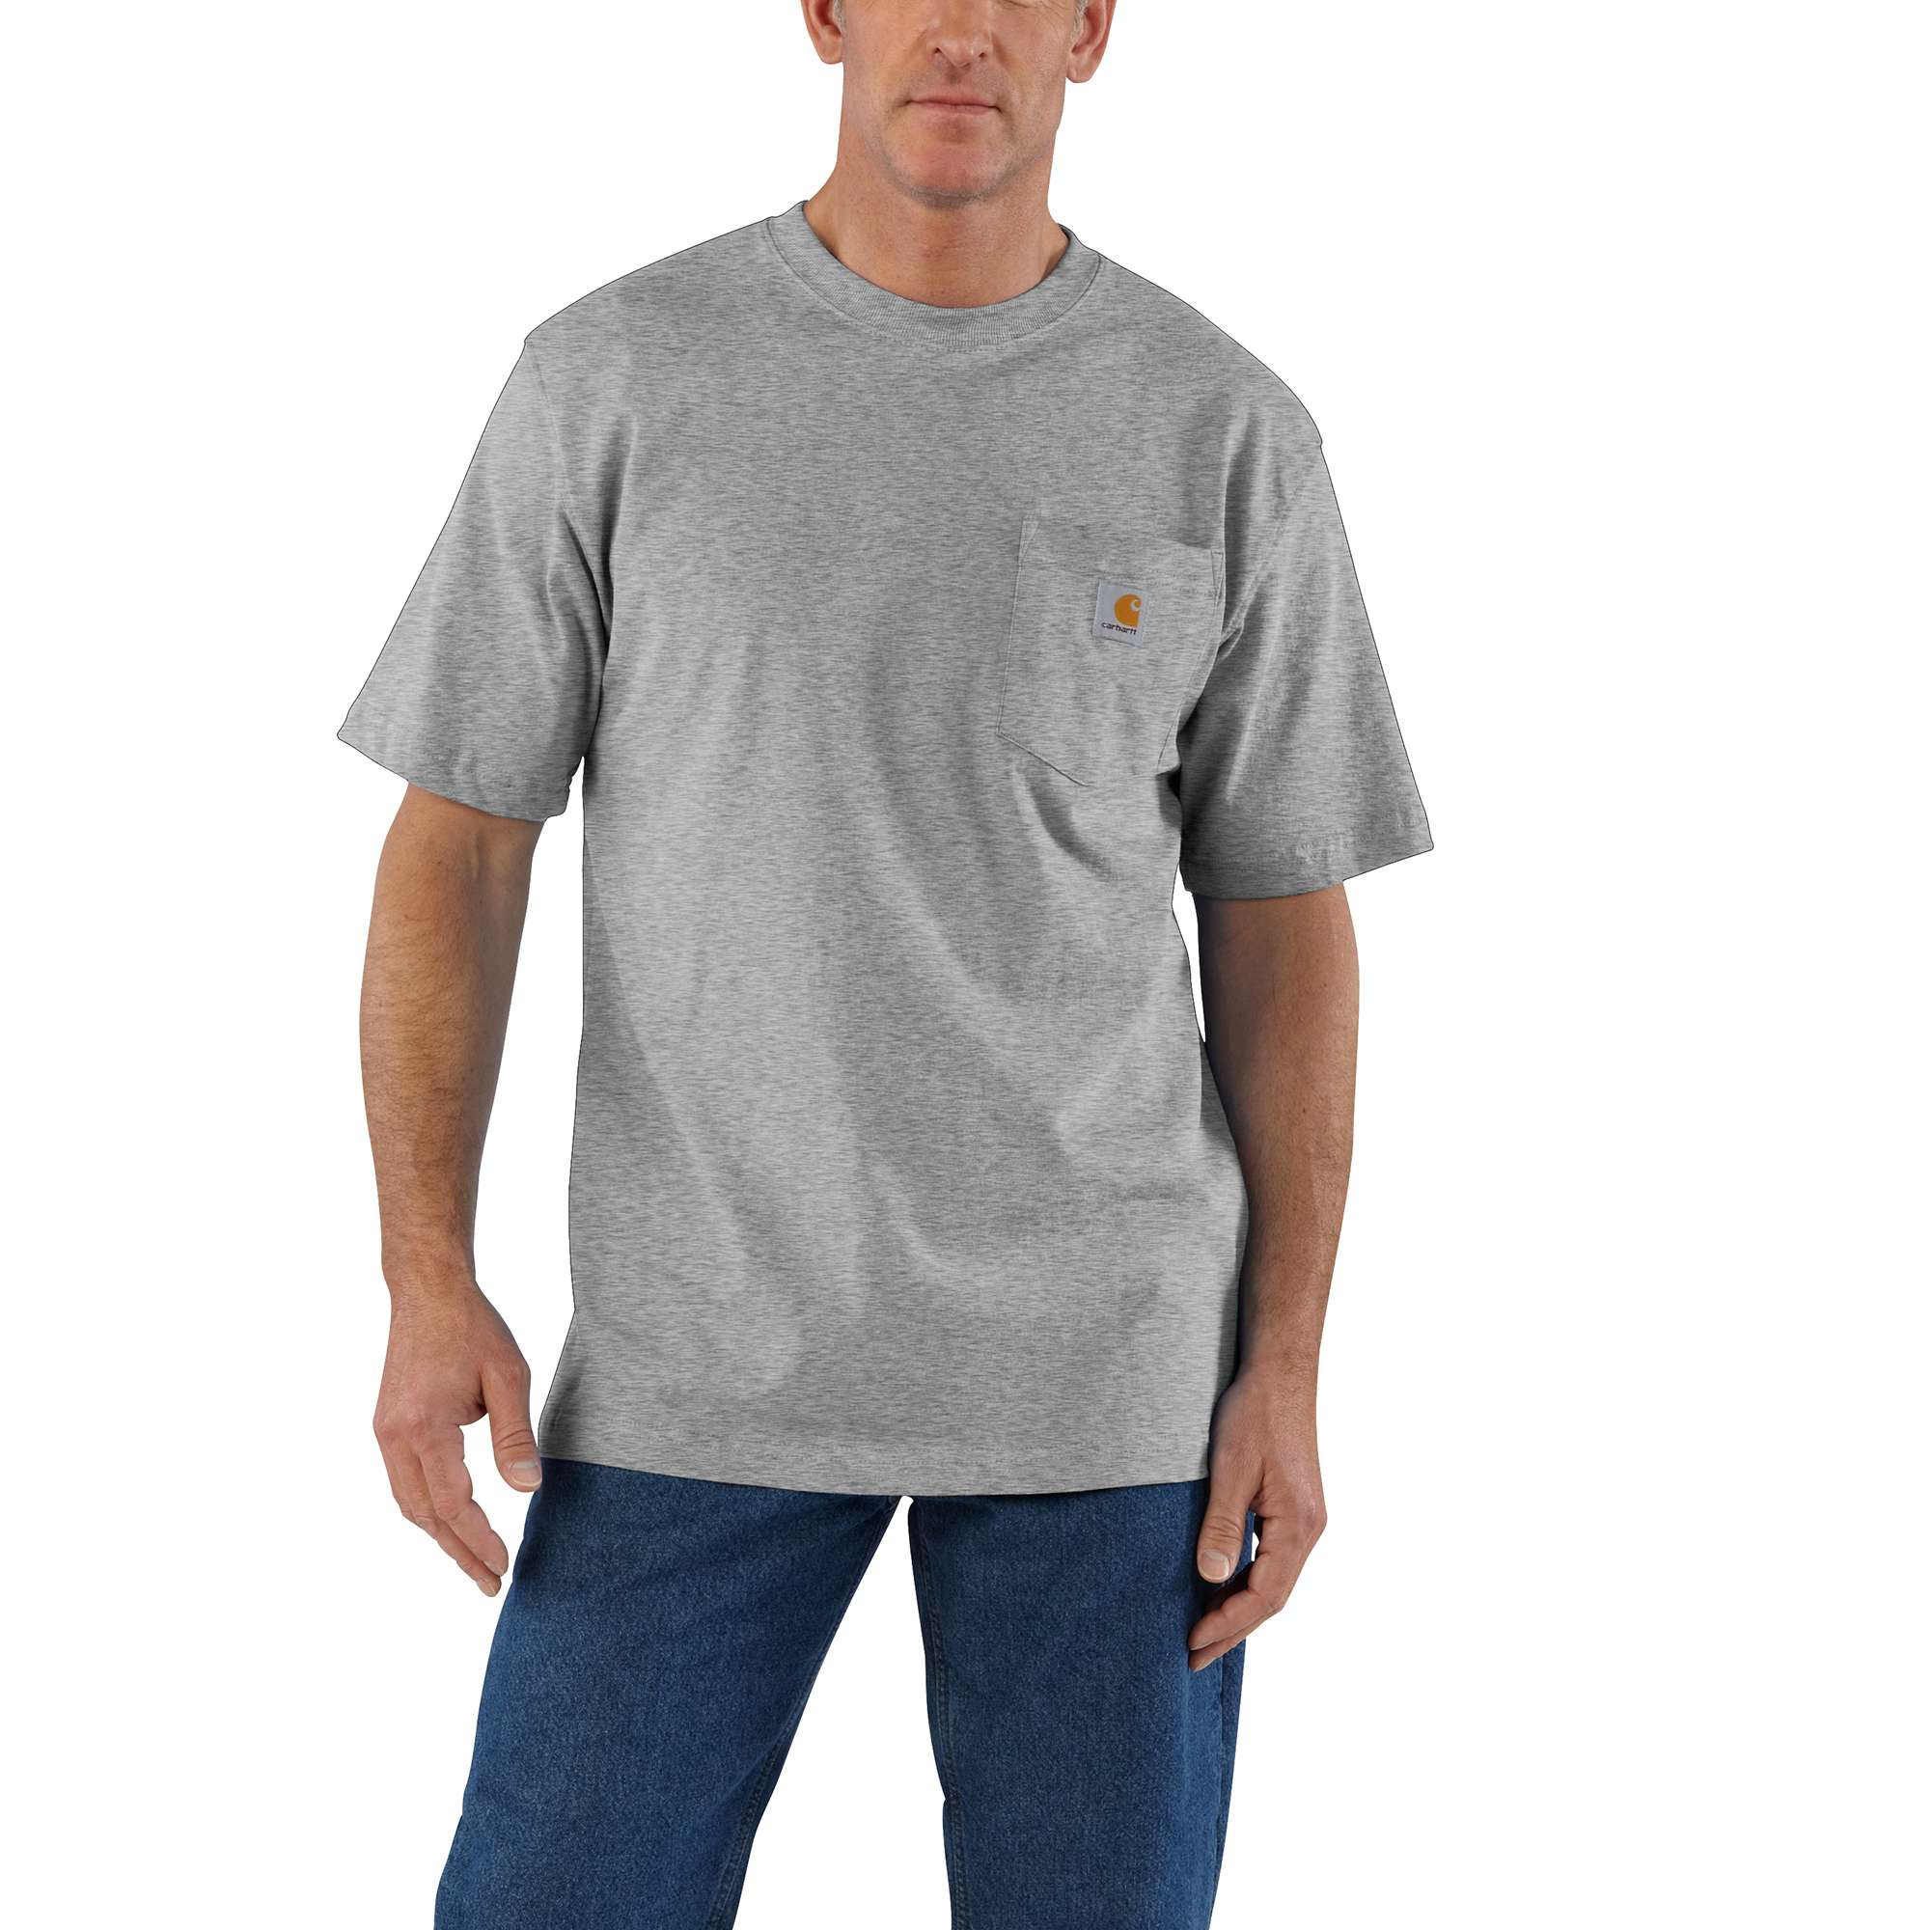 Men's Workwear Pocket T-shirt, Granite, swatch